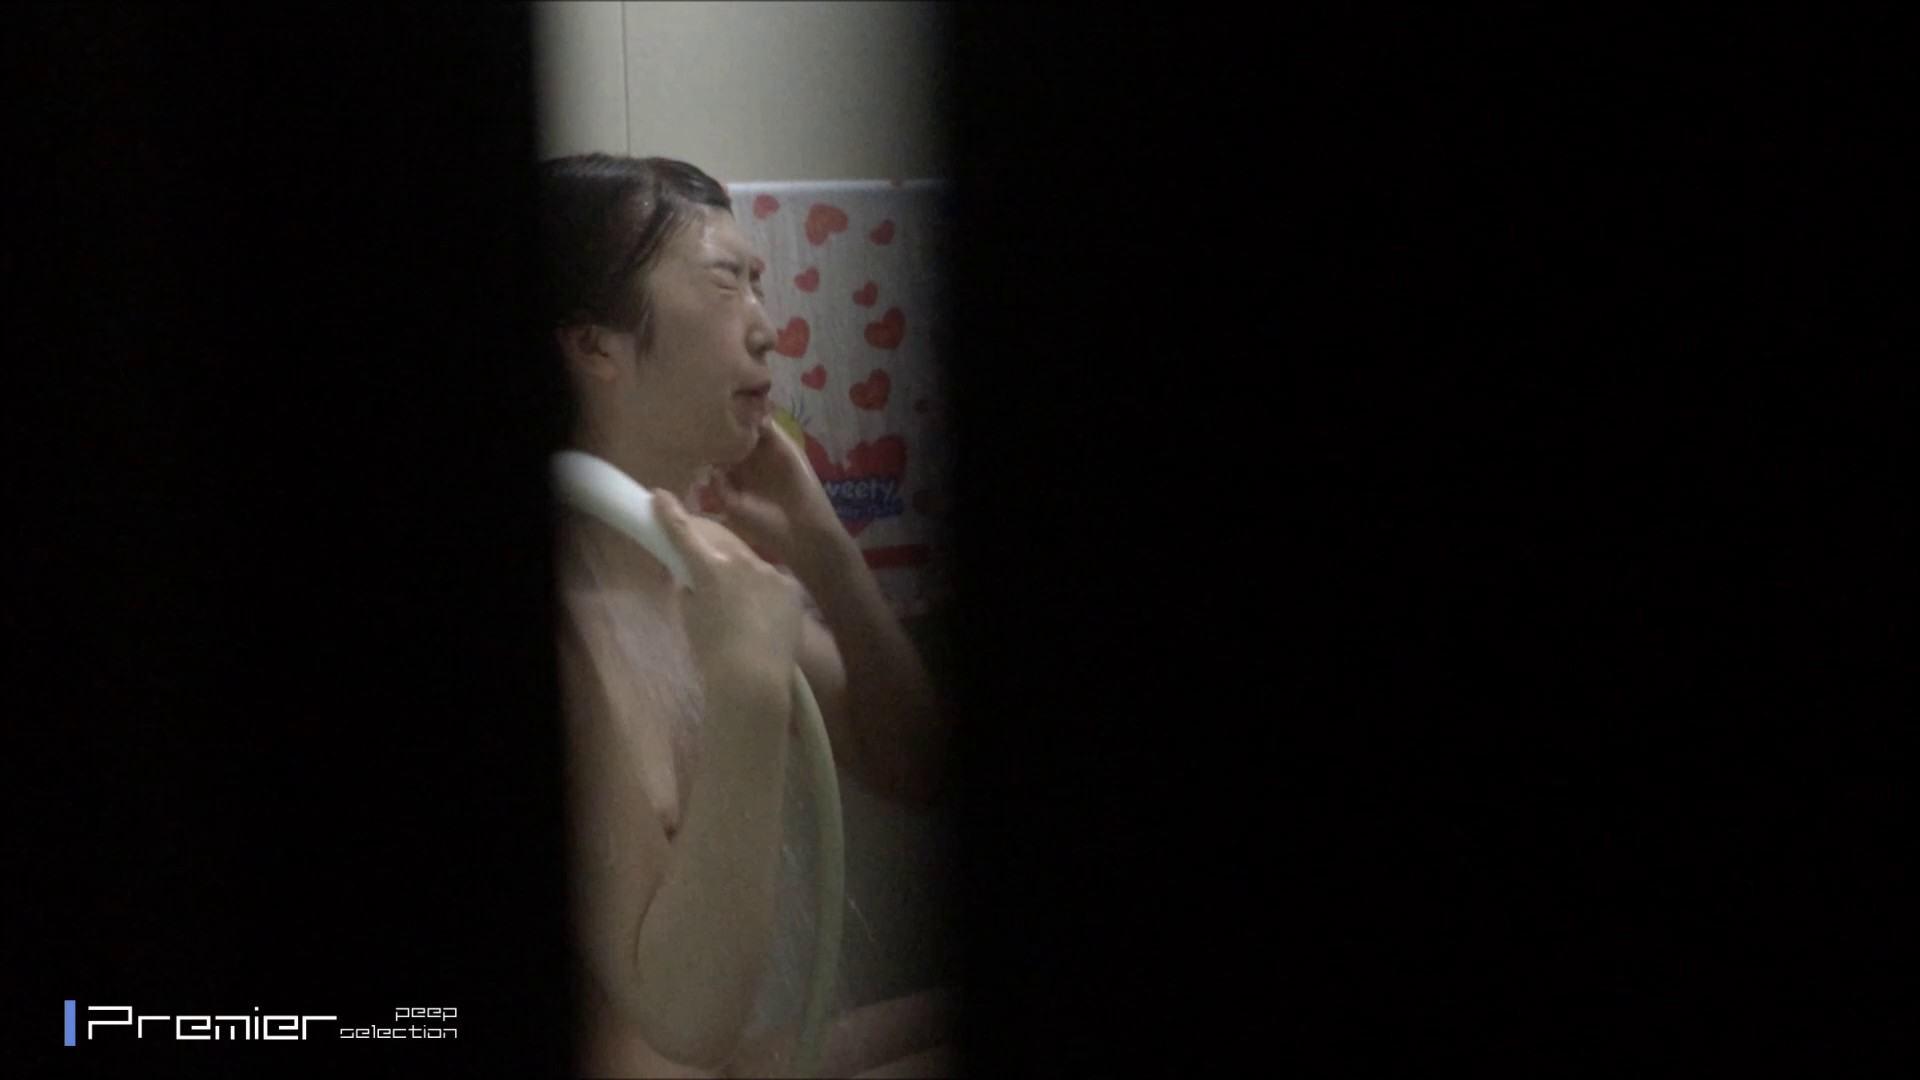 笑顔のスポーツ美女 乙女の風呂場 Vol.23 高画質動画 ワレメ無修正動画無料 83画像 6